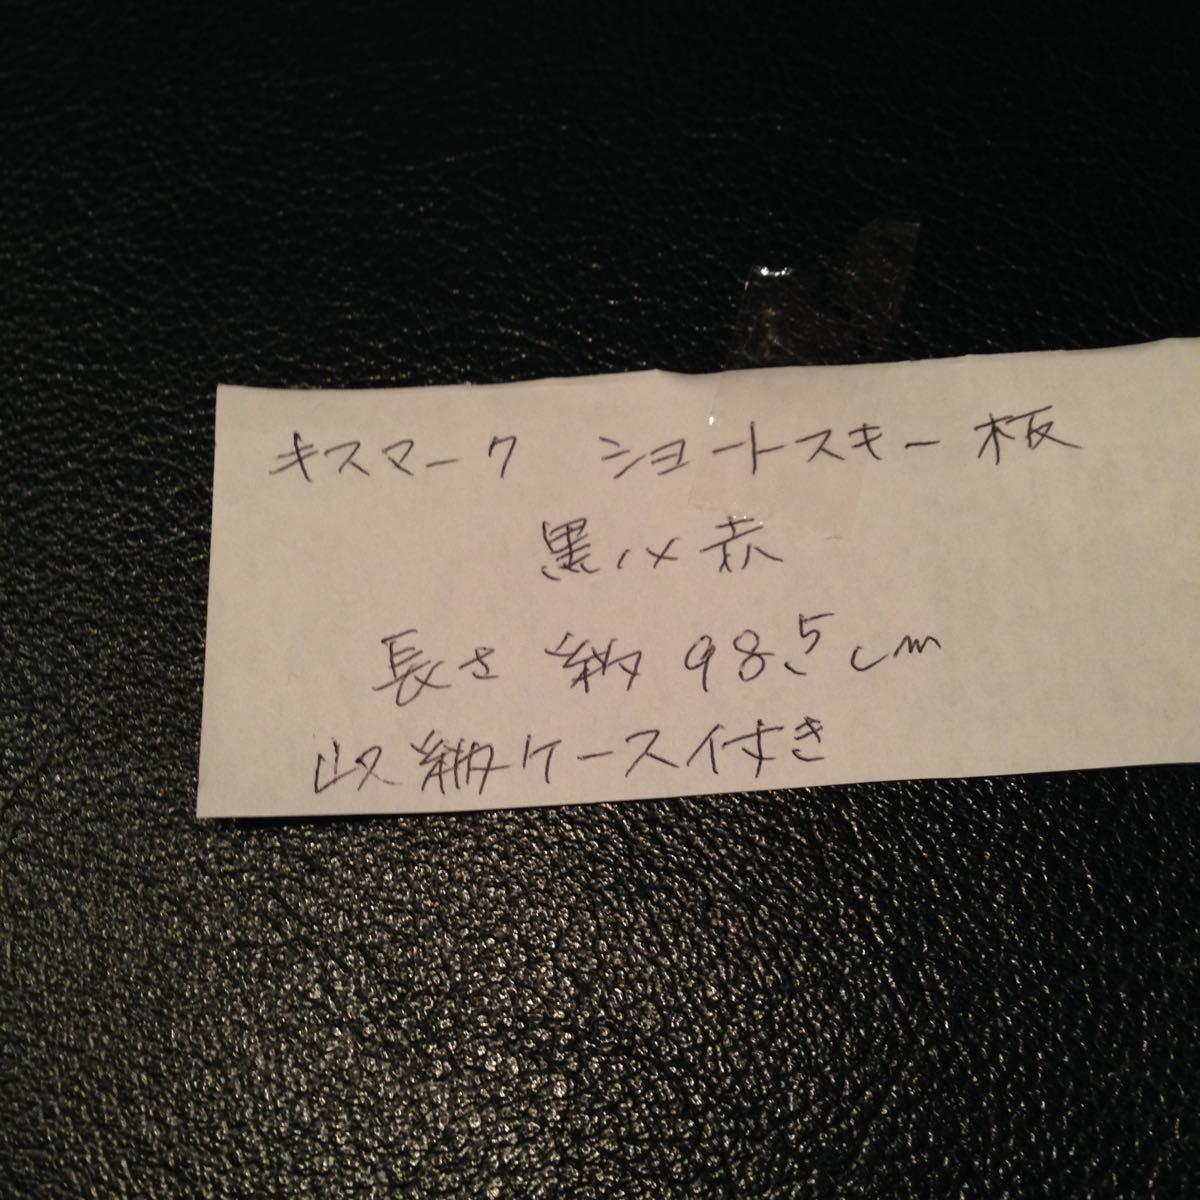 キスマーク ショートスキー板 黒×赤 収納ケース付き 長さ約 98.5cm_画像7